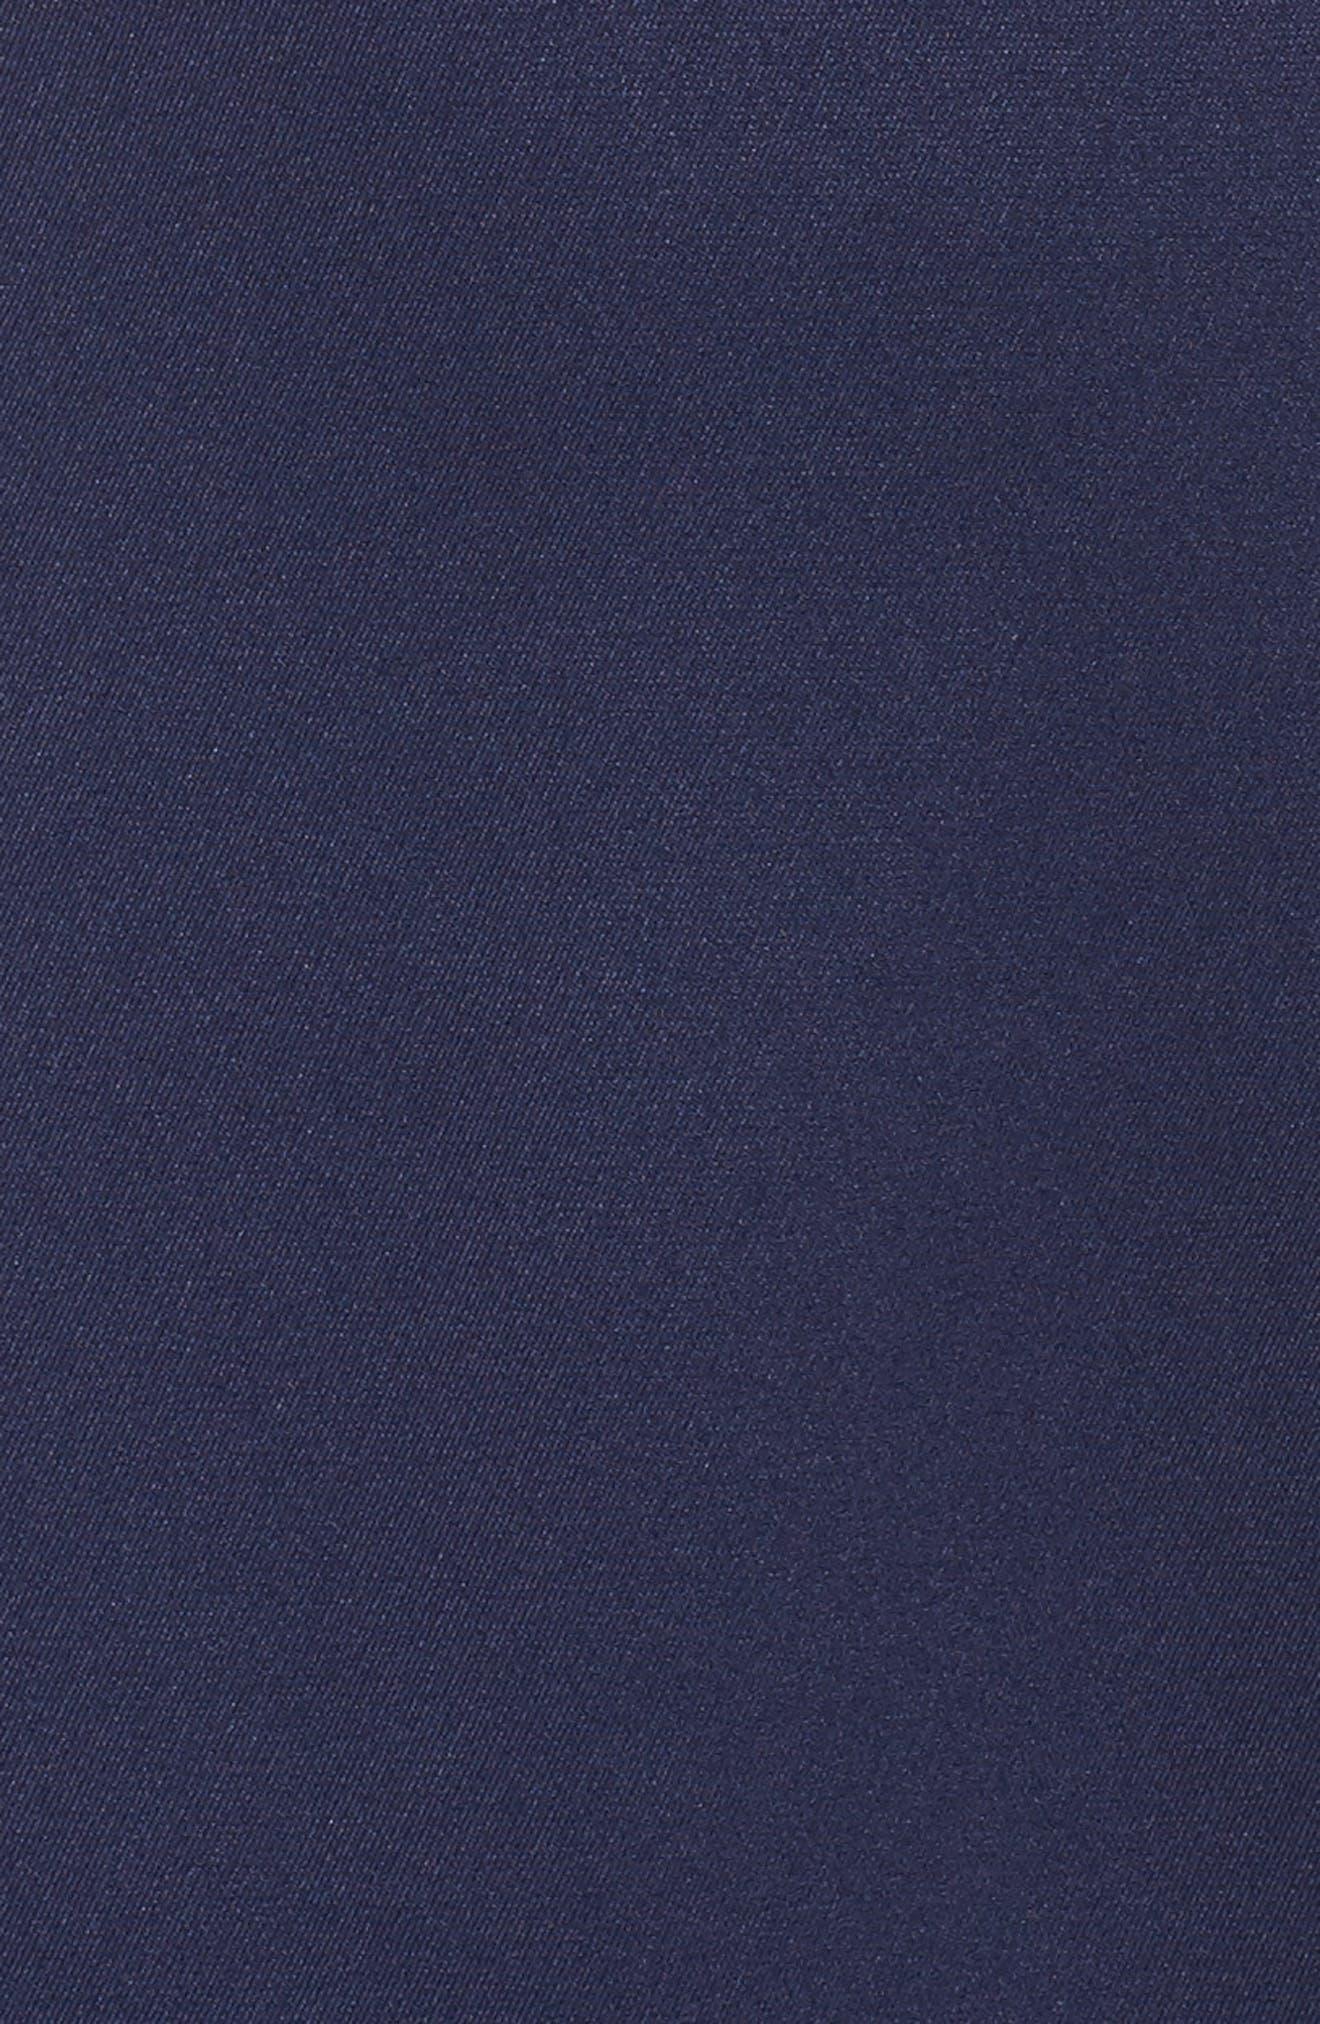 Alternate Image 5  - Cooper St Dove Drift Ruffle Dress